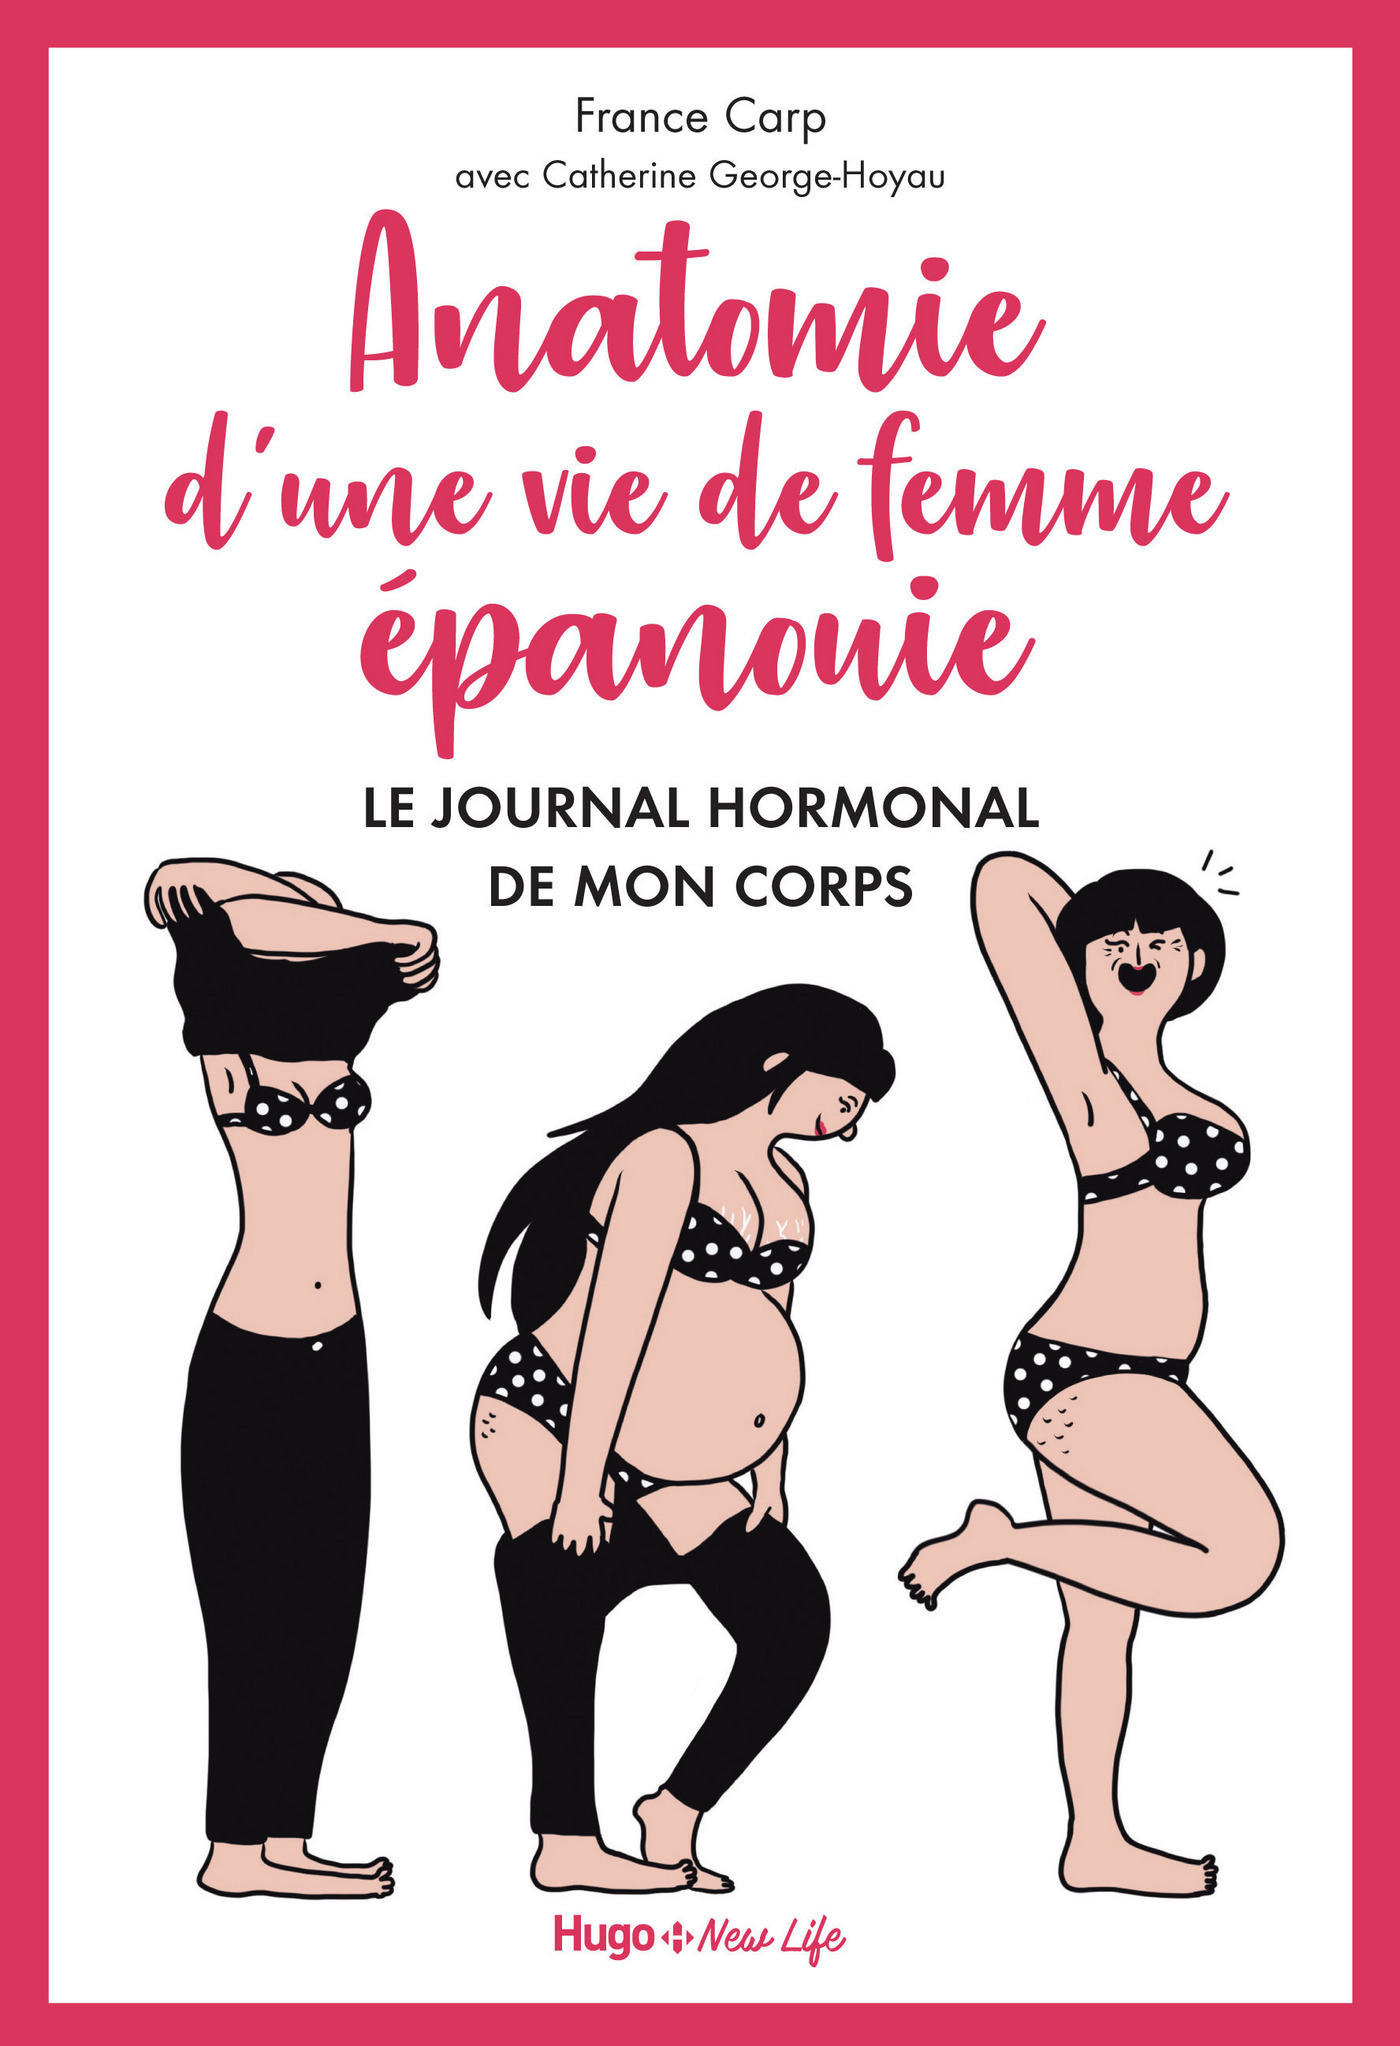 Anatomie d'une vie de femme épanouie - Le journal hormonal de mon corps